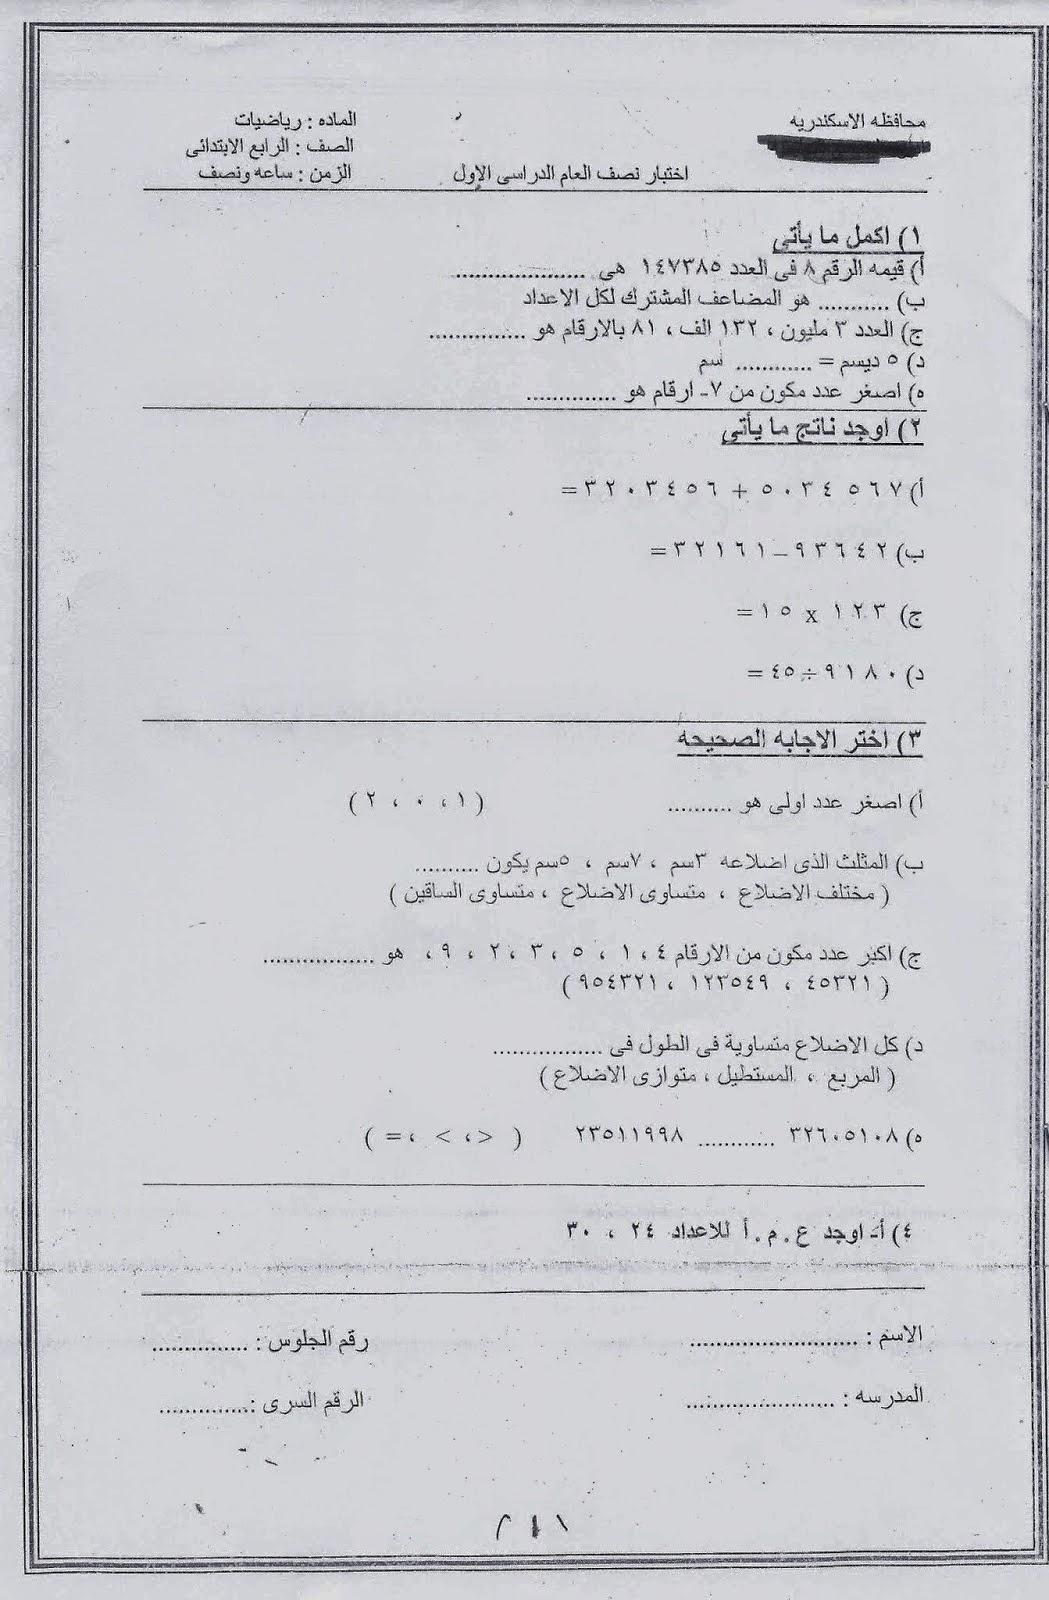 امتحانات كل مواد الصف الرابع الابتدائي الترم الأول 2015 مدارس مصر حكومى و لغات scan0088.jpg